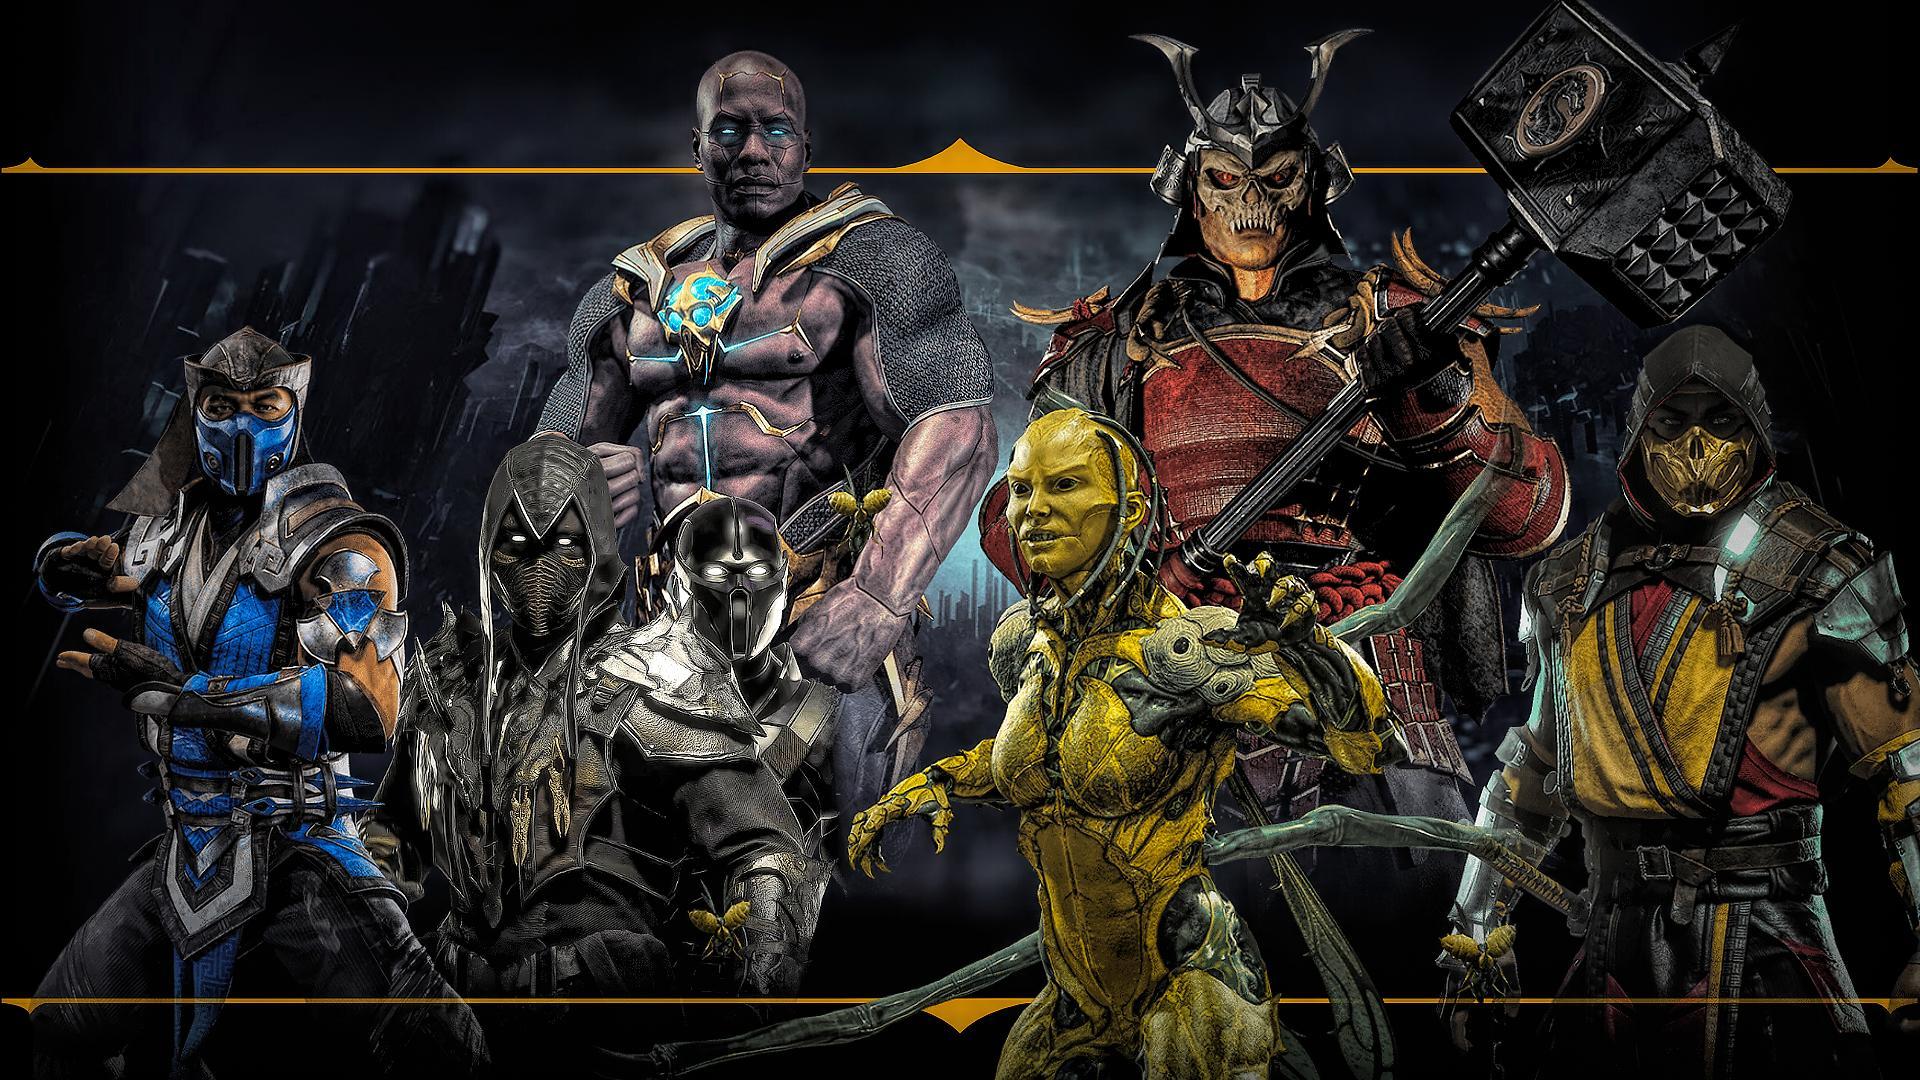 Mortal Kombat 11 Desktop Wallpapers Top Free Mortal Kombat 11